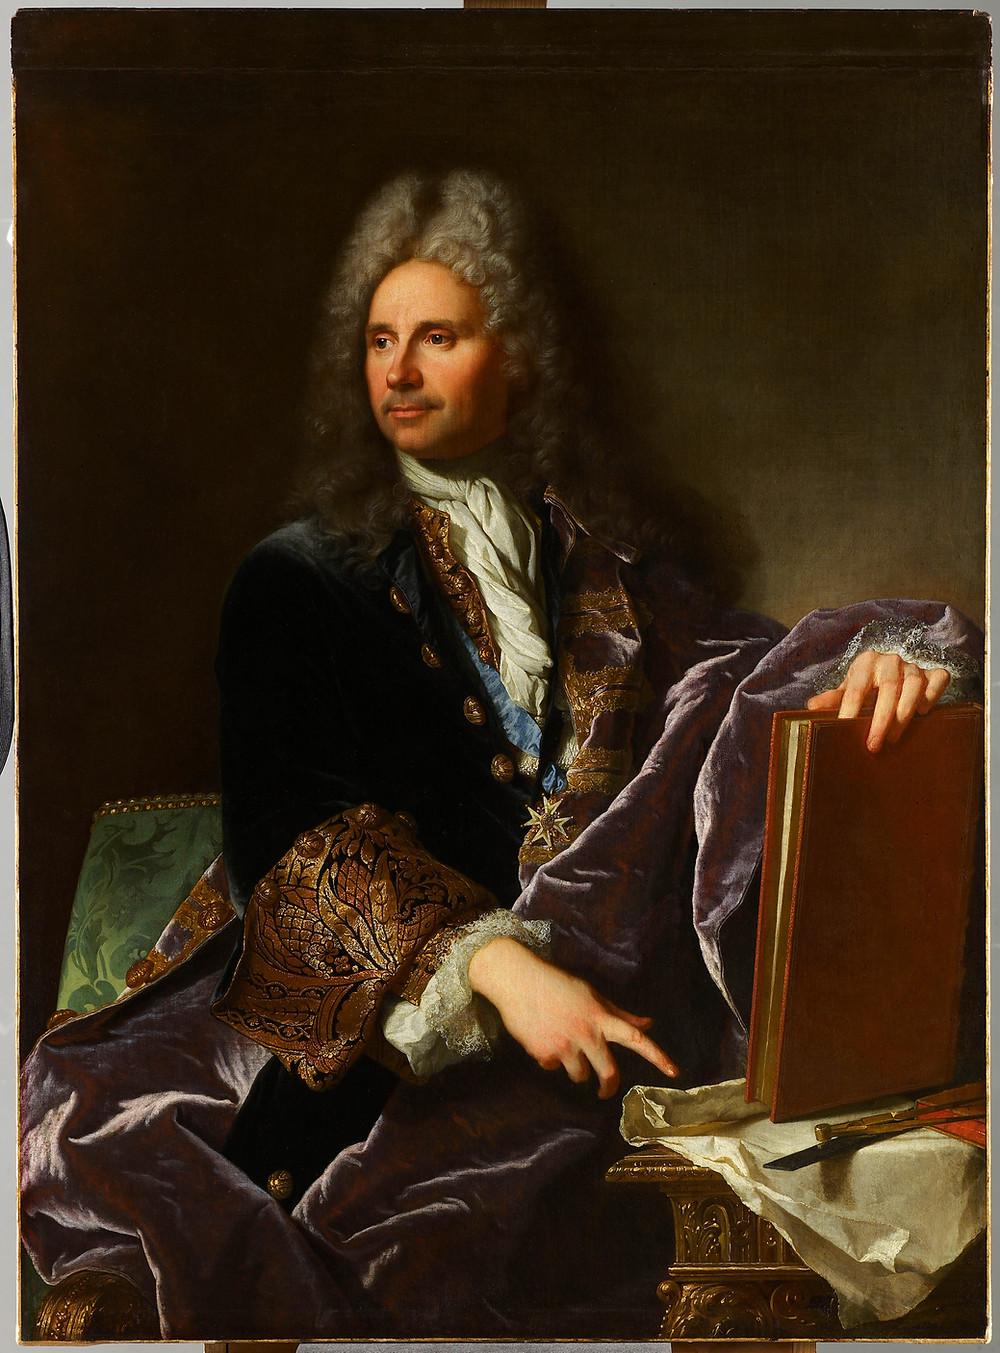 Hyacinthe Rigaud, Portrait de Robert de Cotte, 1713, Paris, musée du Louvre, inv. M.I.232.